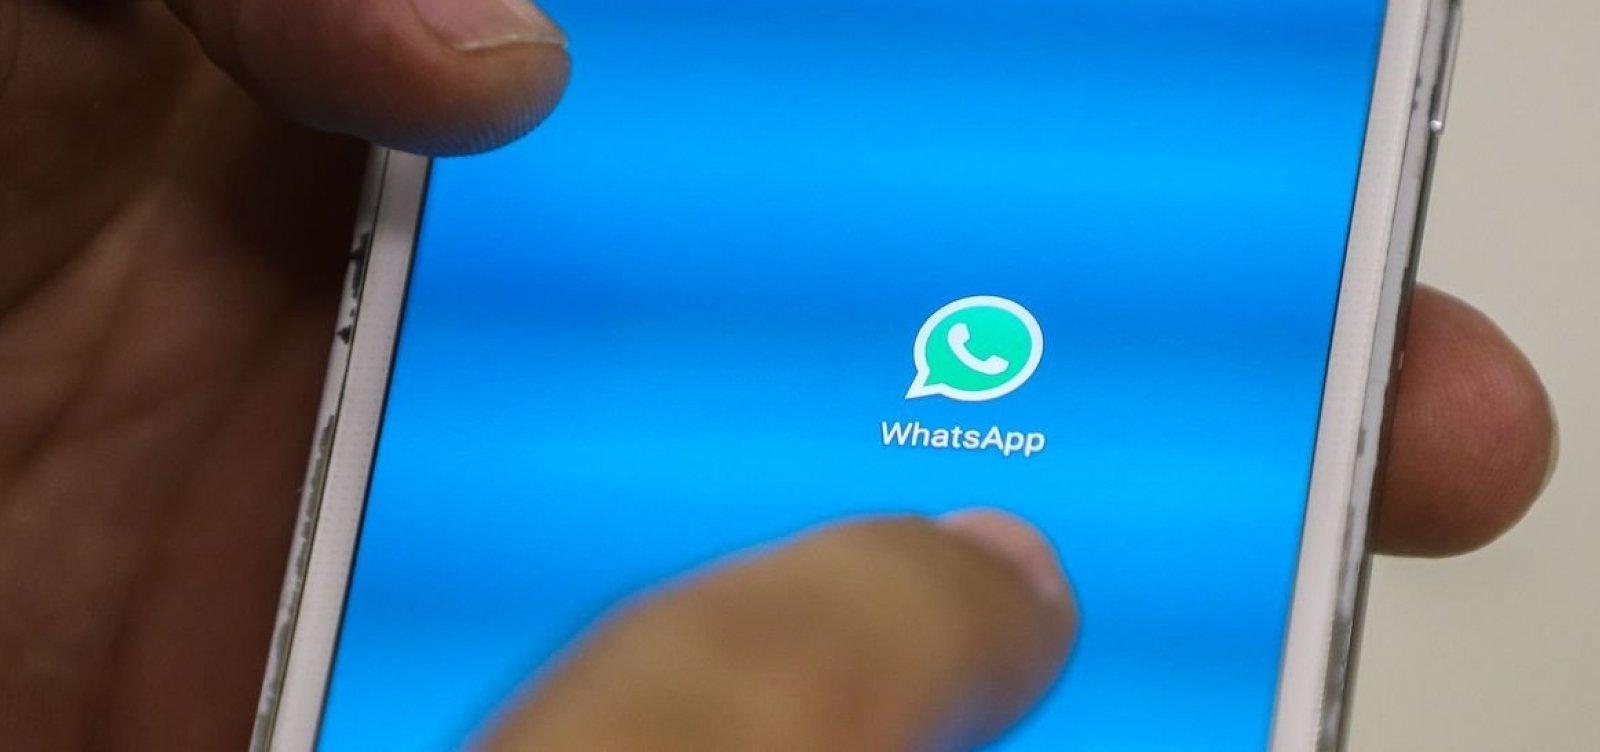 [Procon-SP notifica empresas por golpes via WhatsApp]